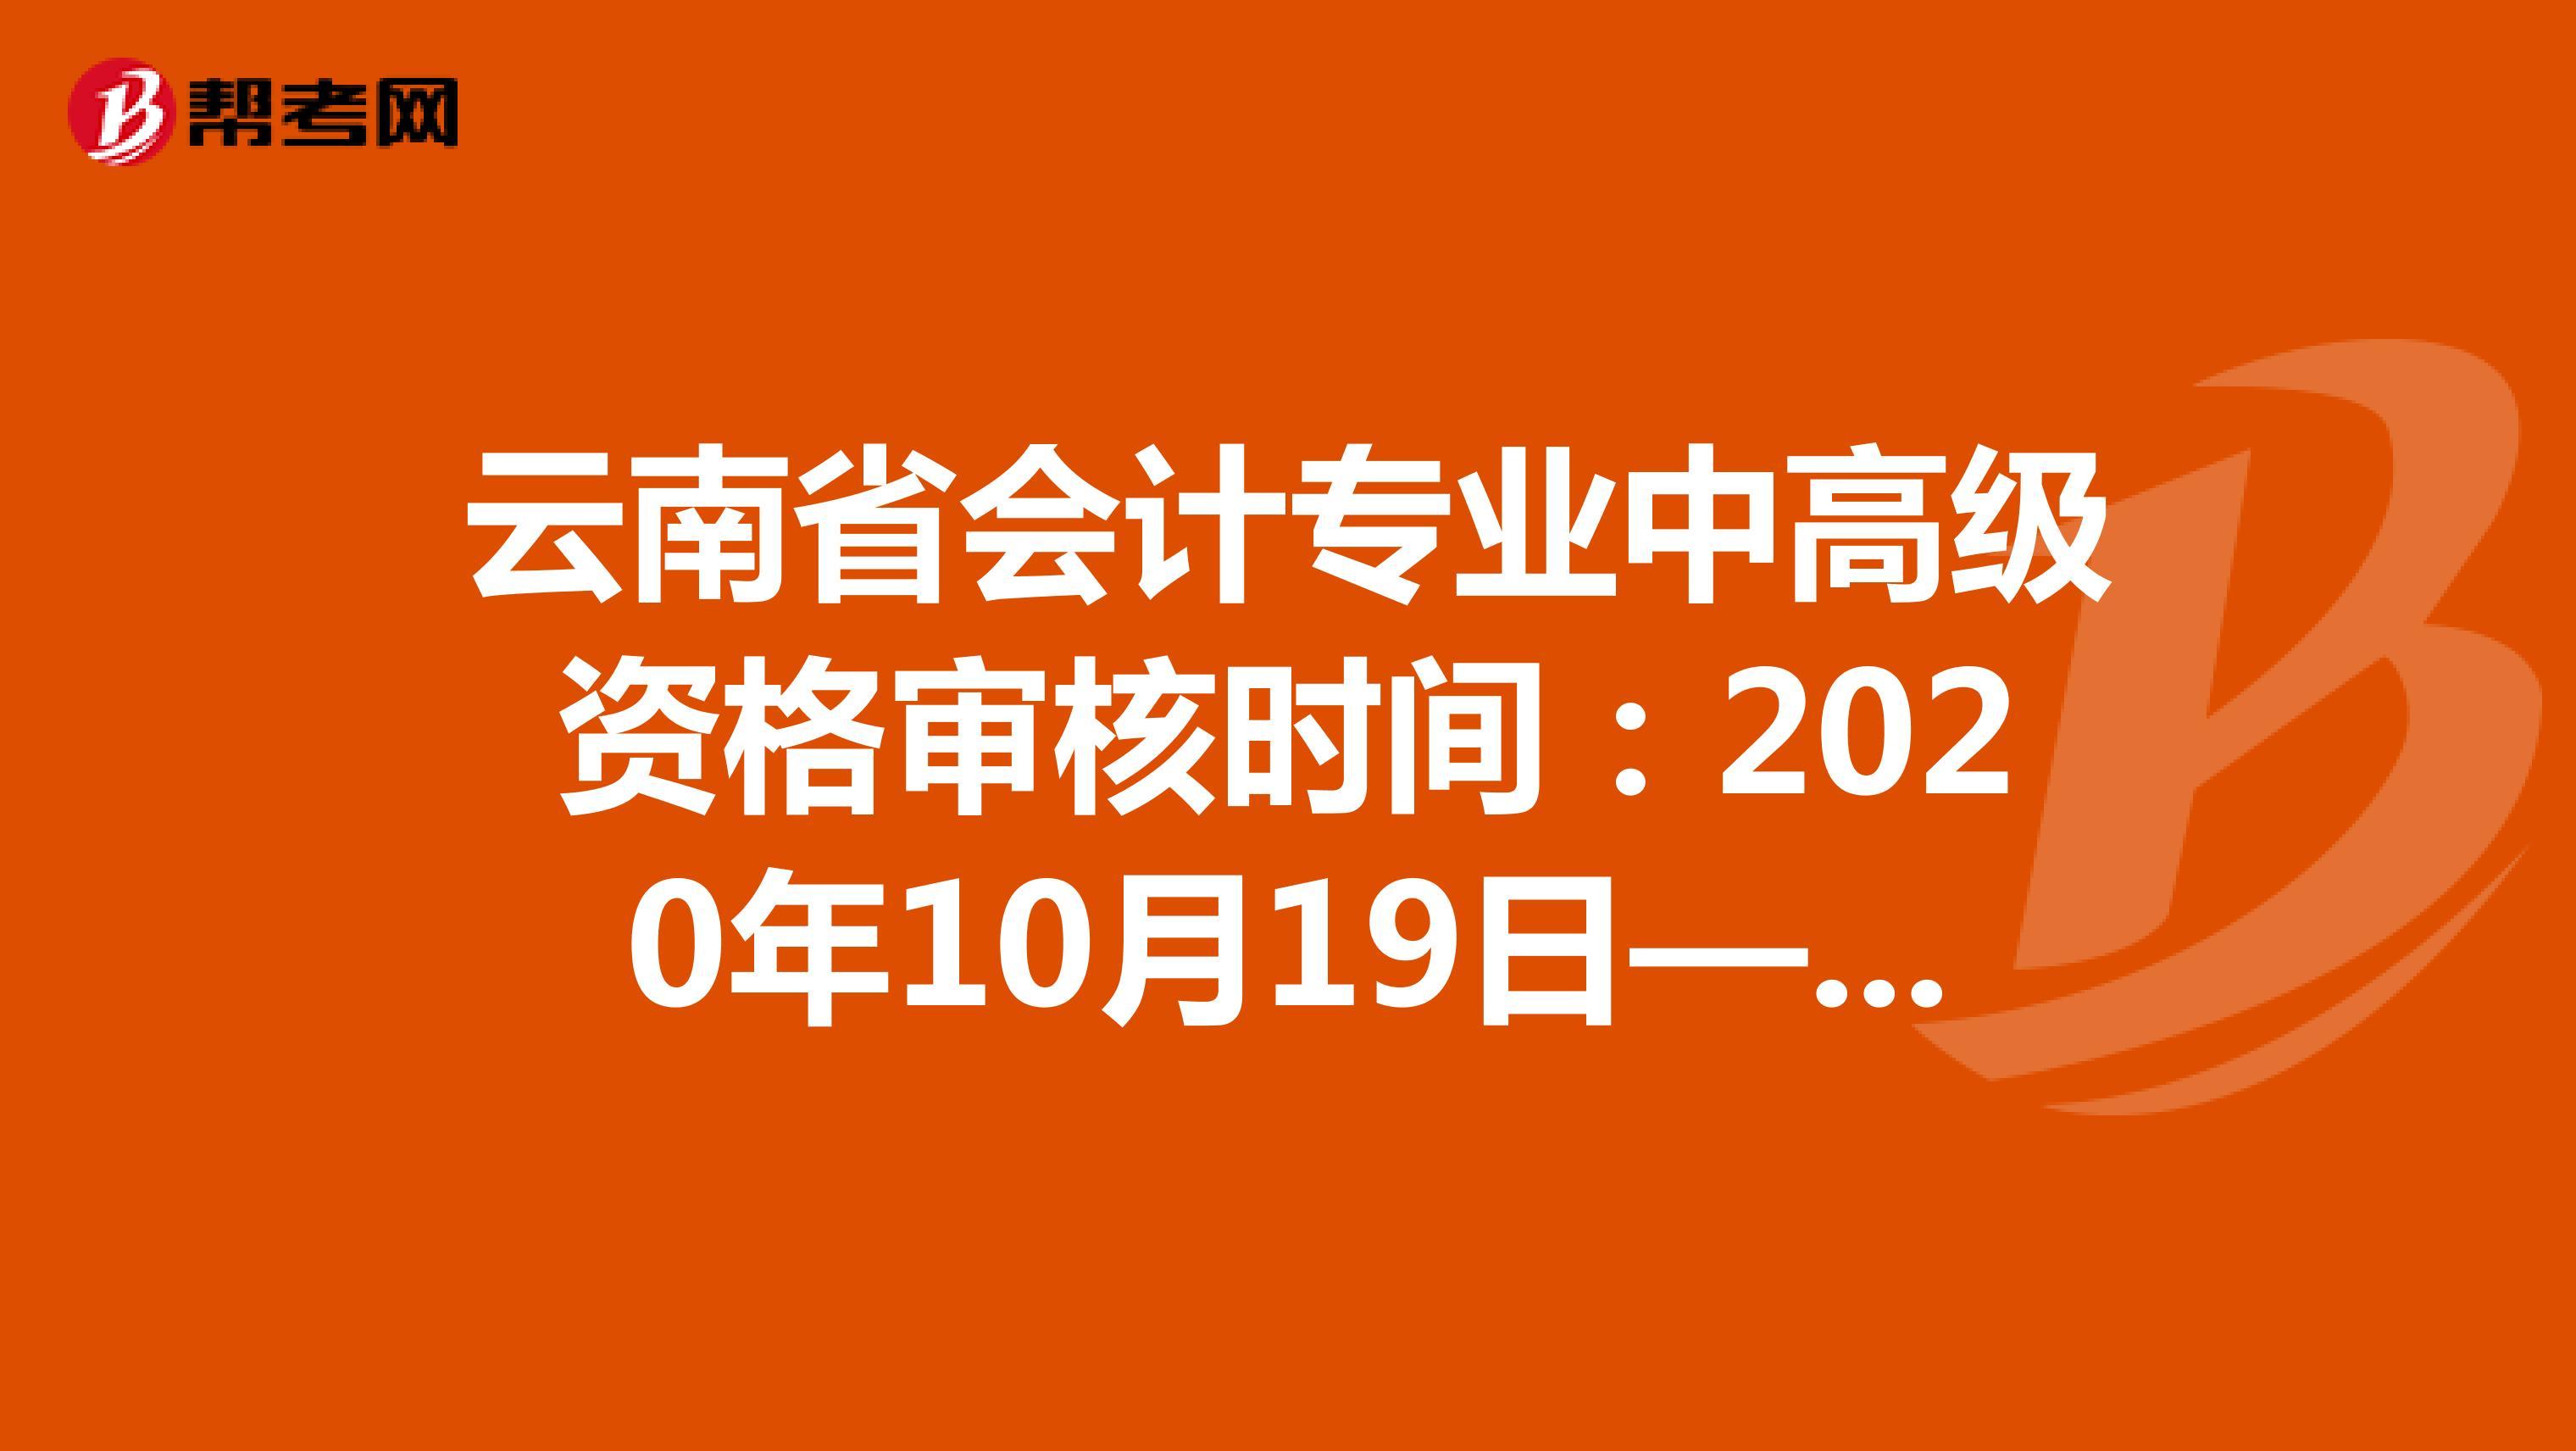 云南省会计专业中高级资格审核时间:2020年10月19日—11月6日